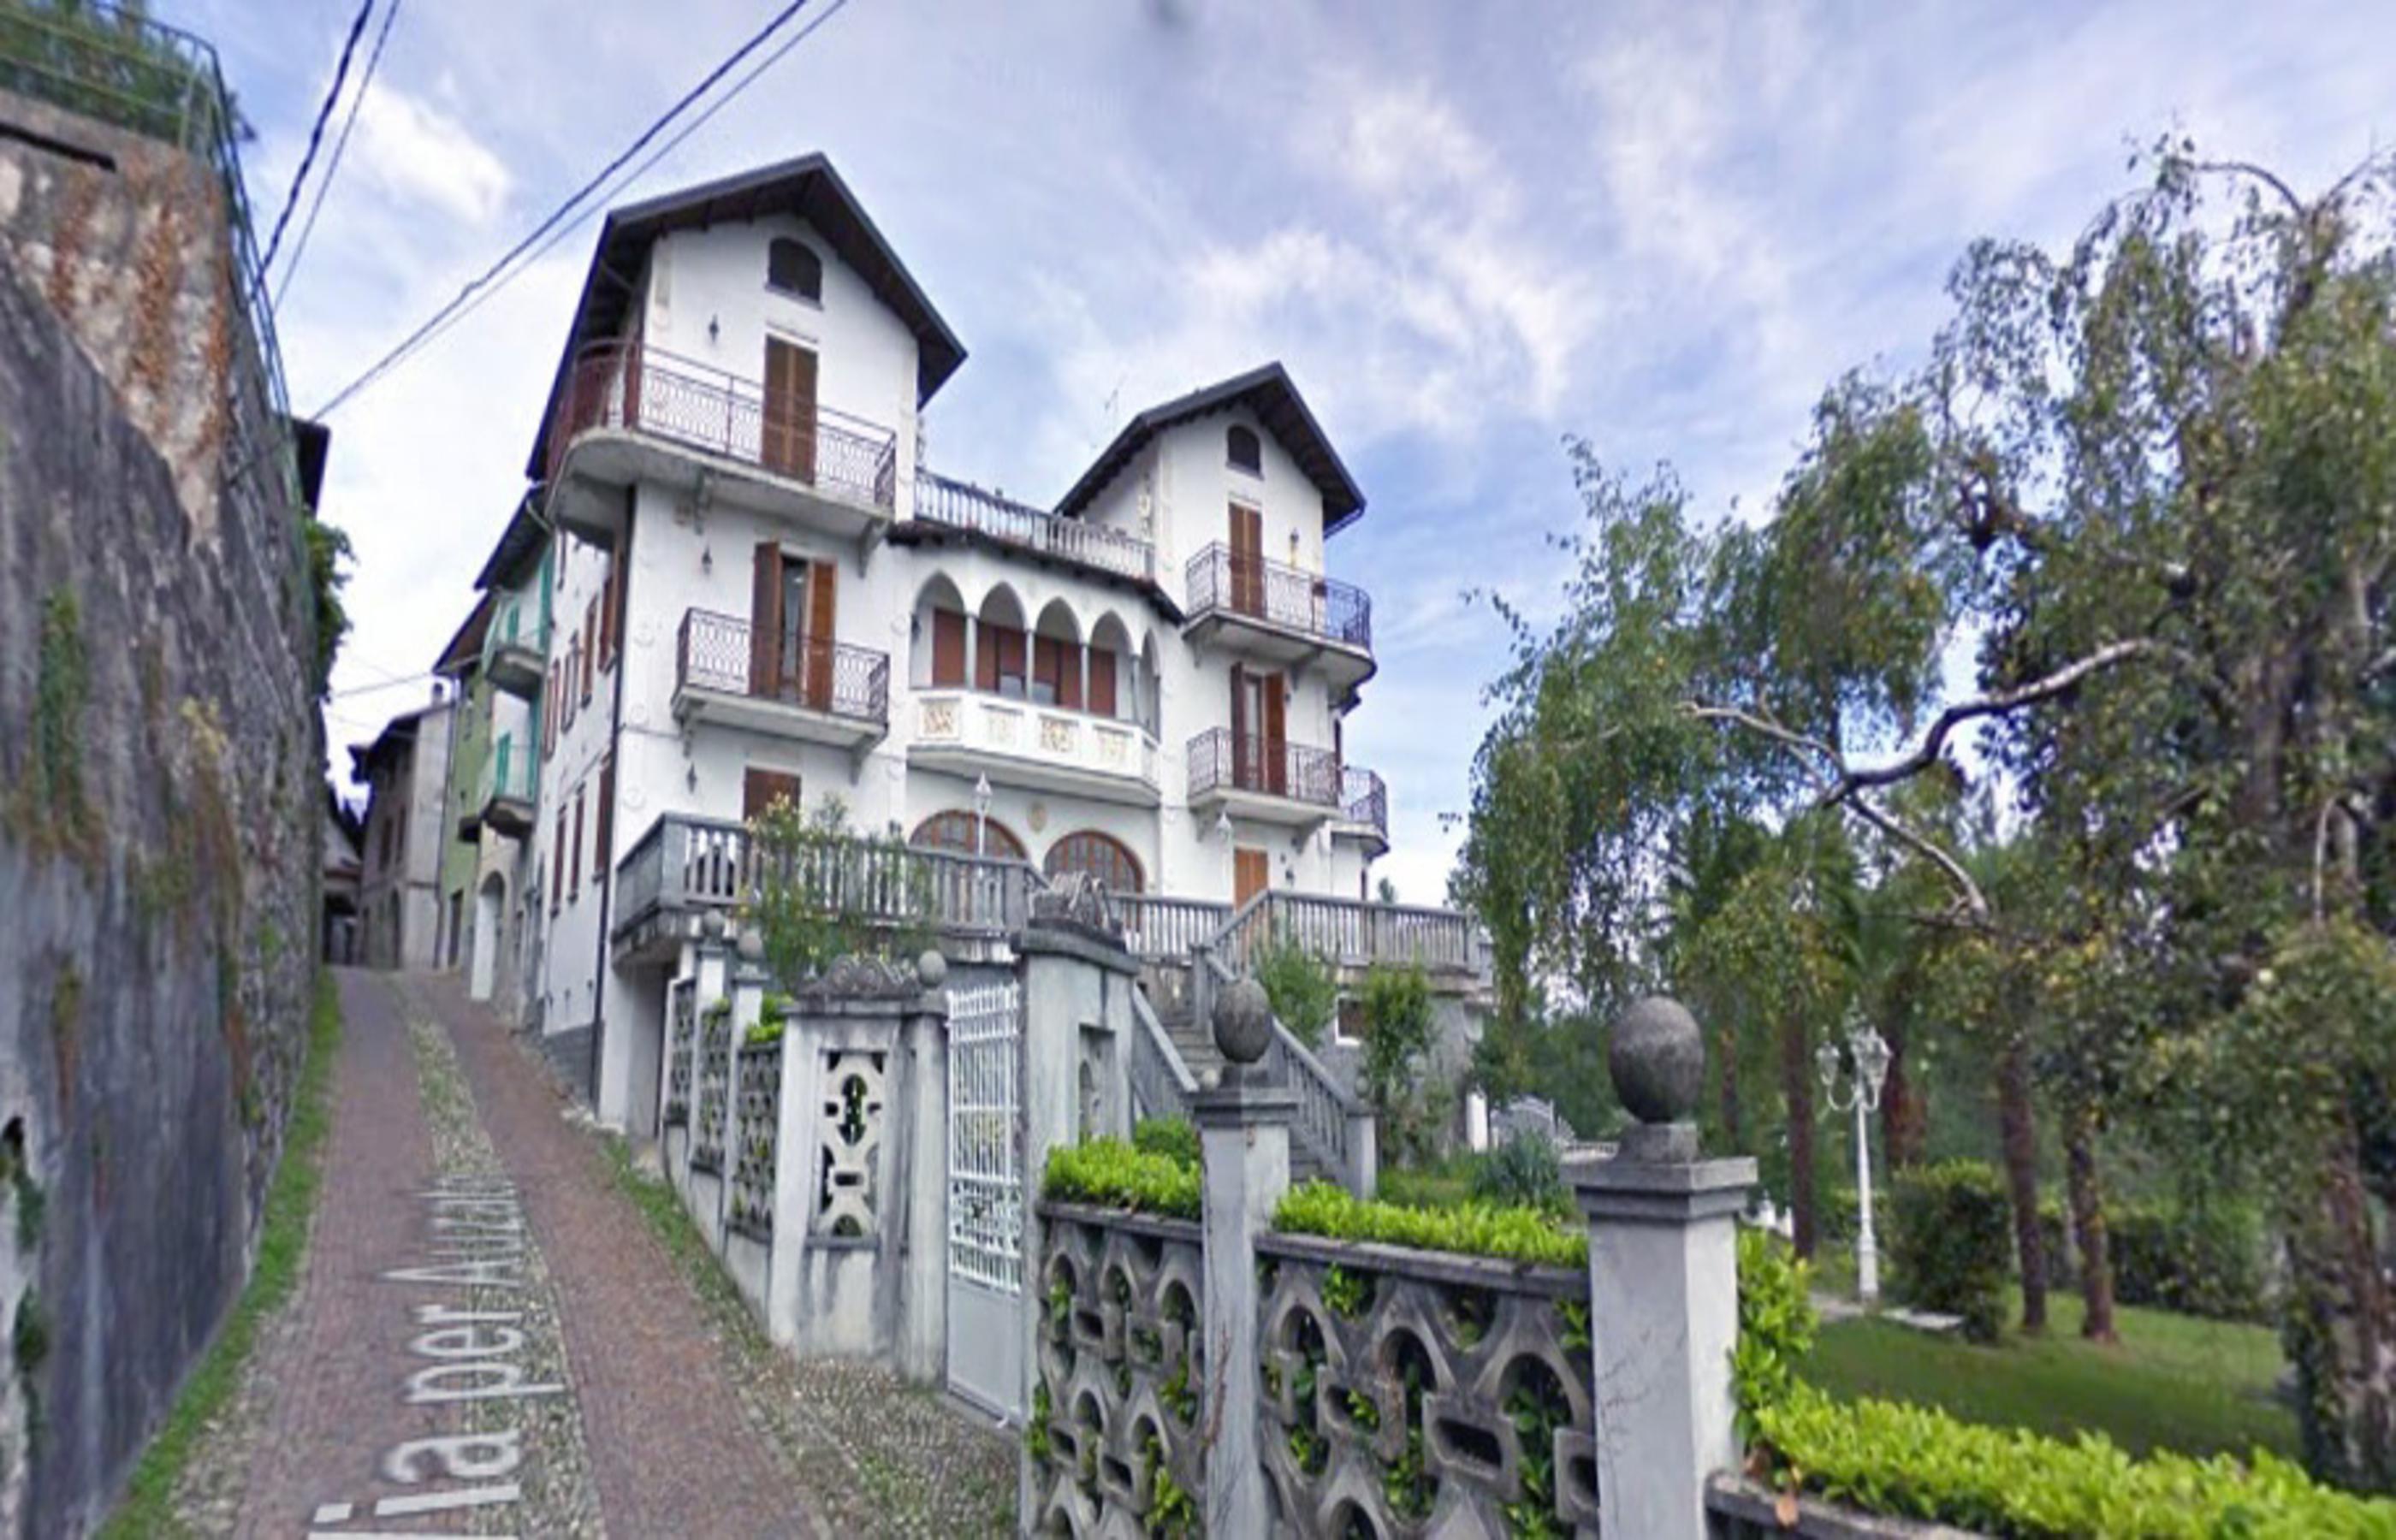 SORISO Grande proprietà immobiliare con giardino